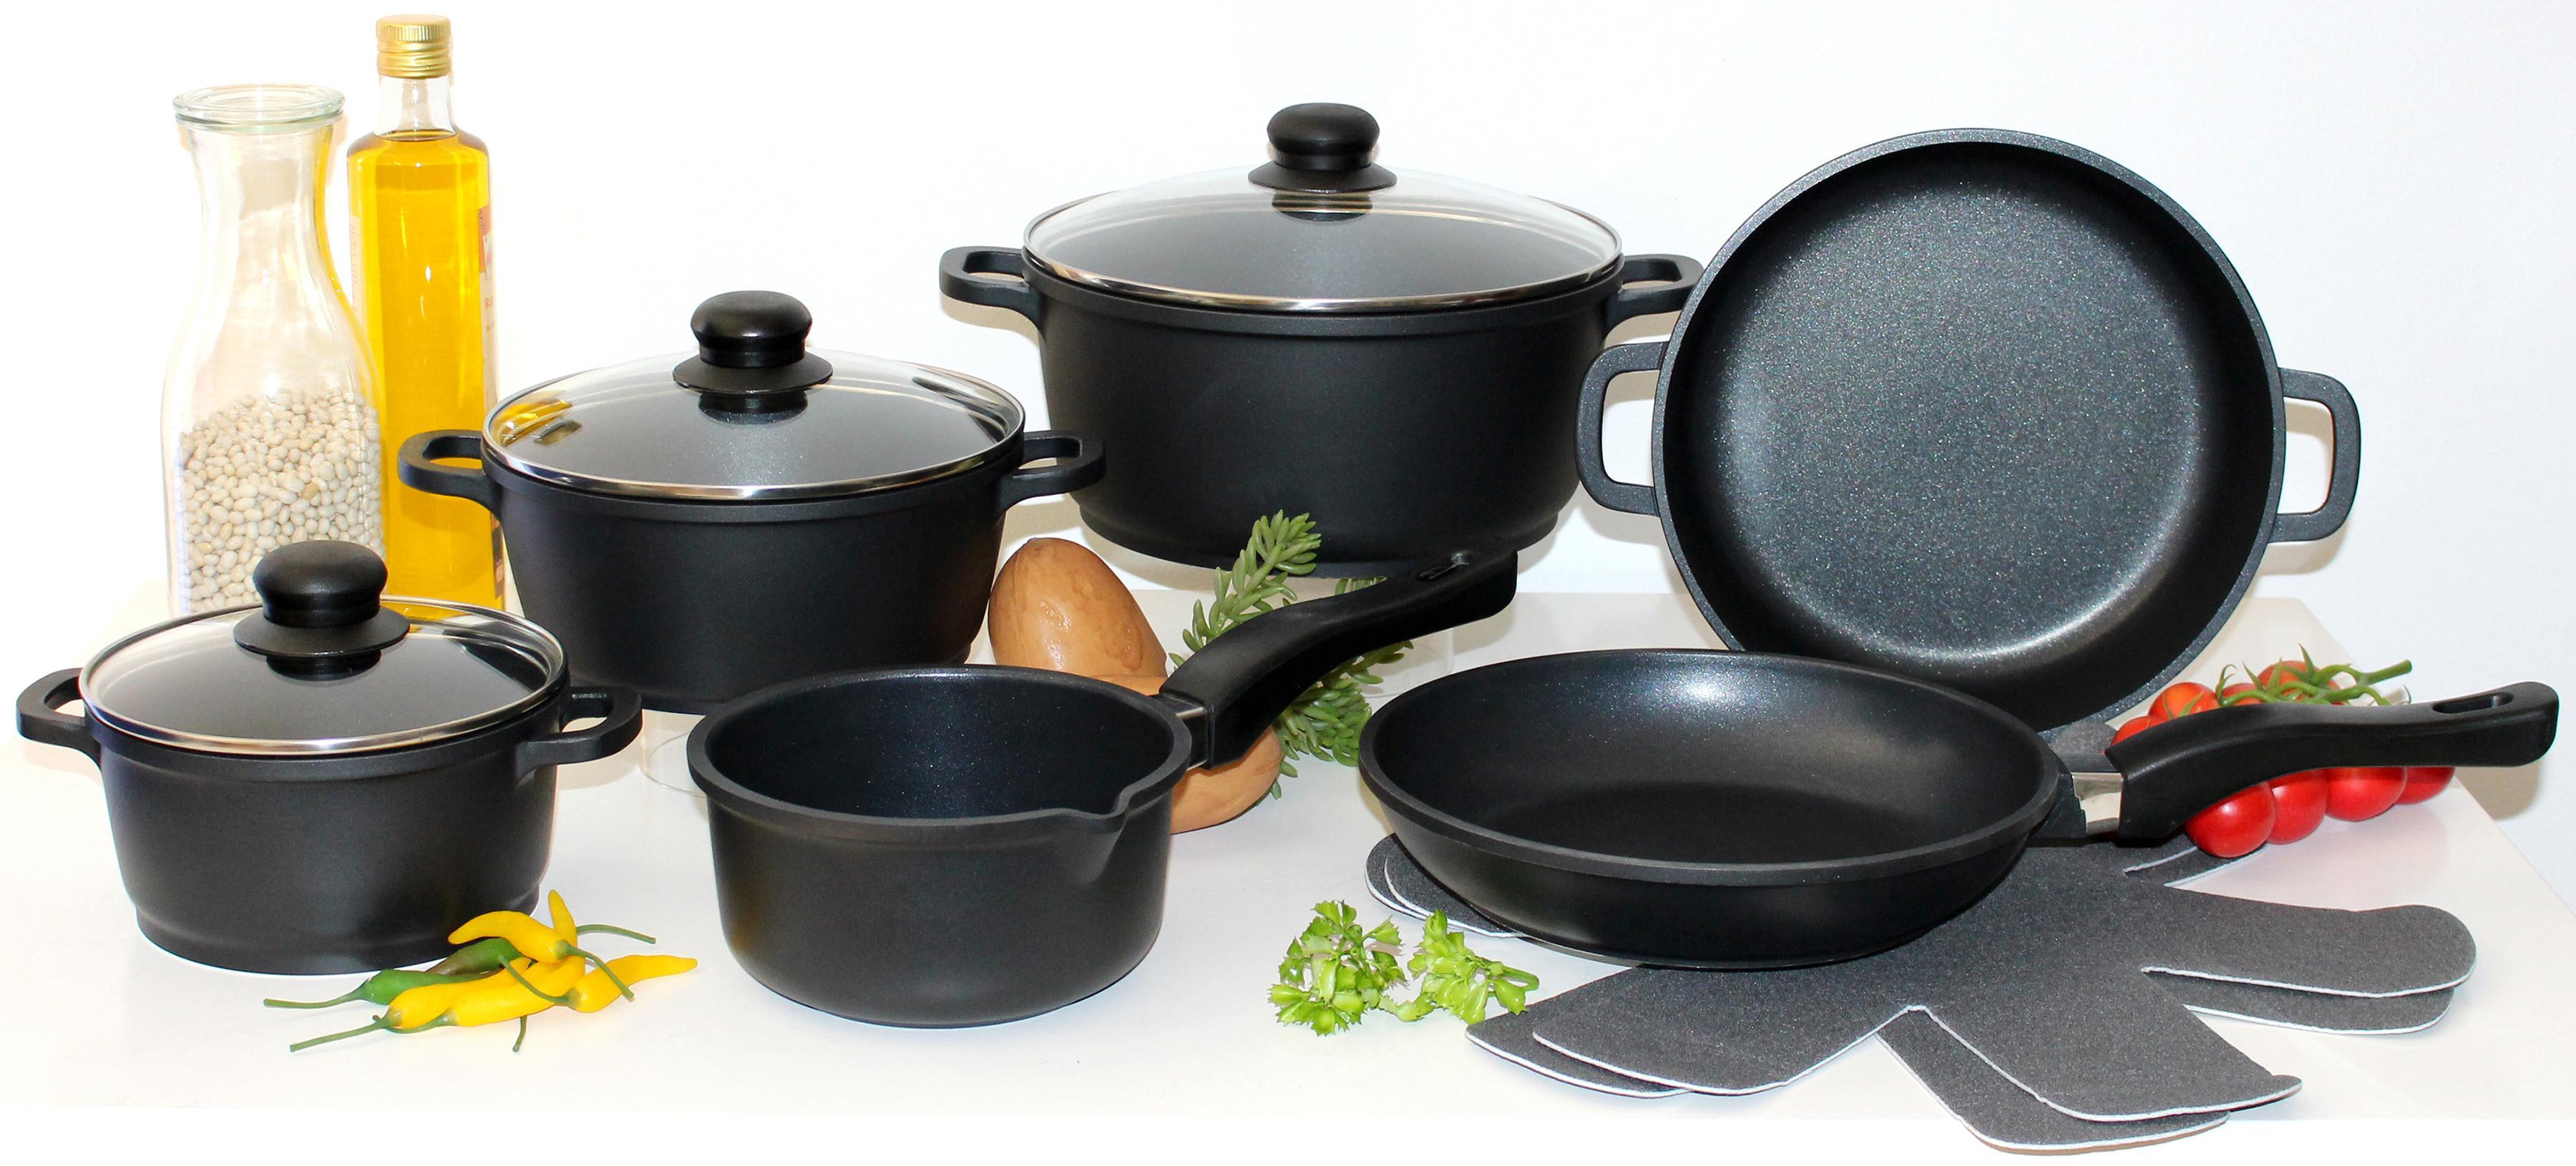 Elo - Meine Küche Topf-Set (Set, 10-tlg., 4 Töpfe, 3, Deckel, 2 Pfannen, 1 Paar Pfannenschoner)